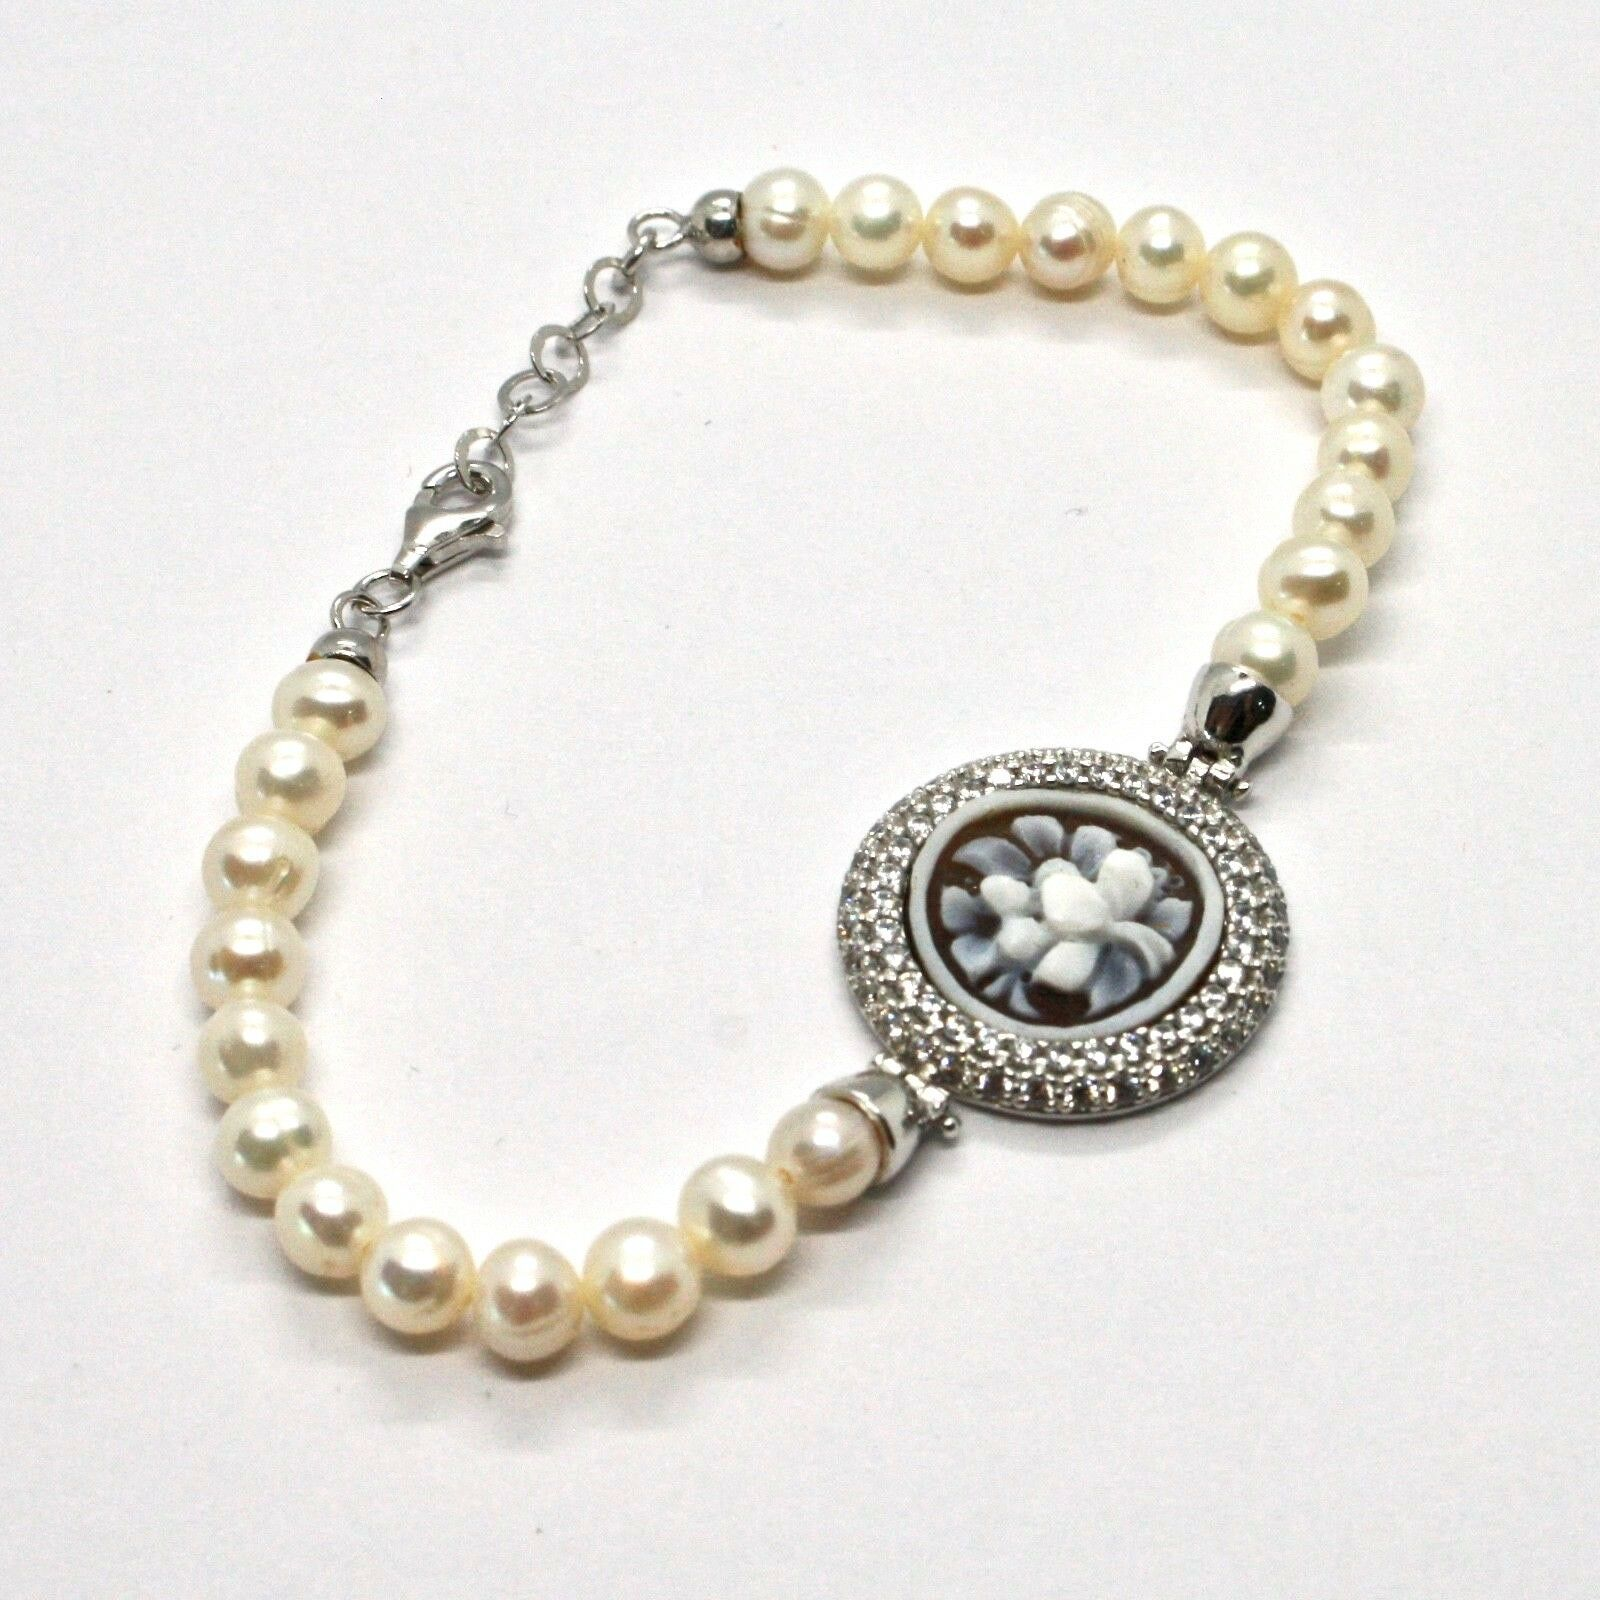 Silber Armband 925 mit Perlen von Wasser Dolce Kamee Kamee Zirkonia Kubische